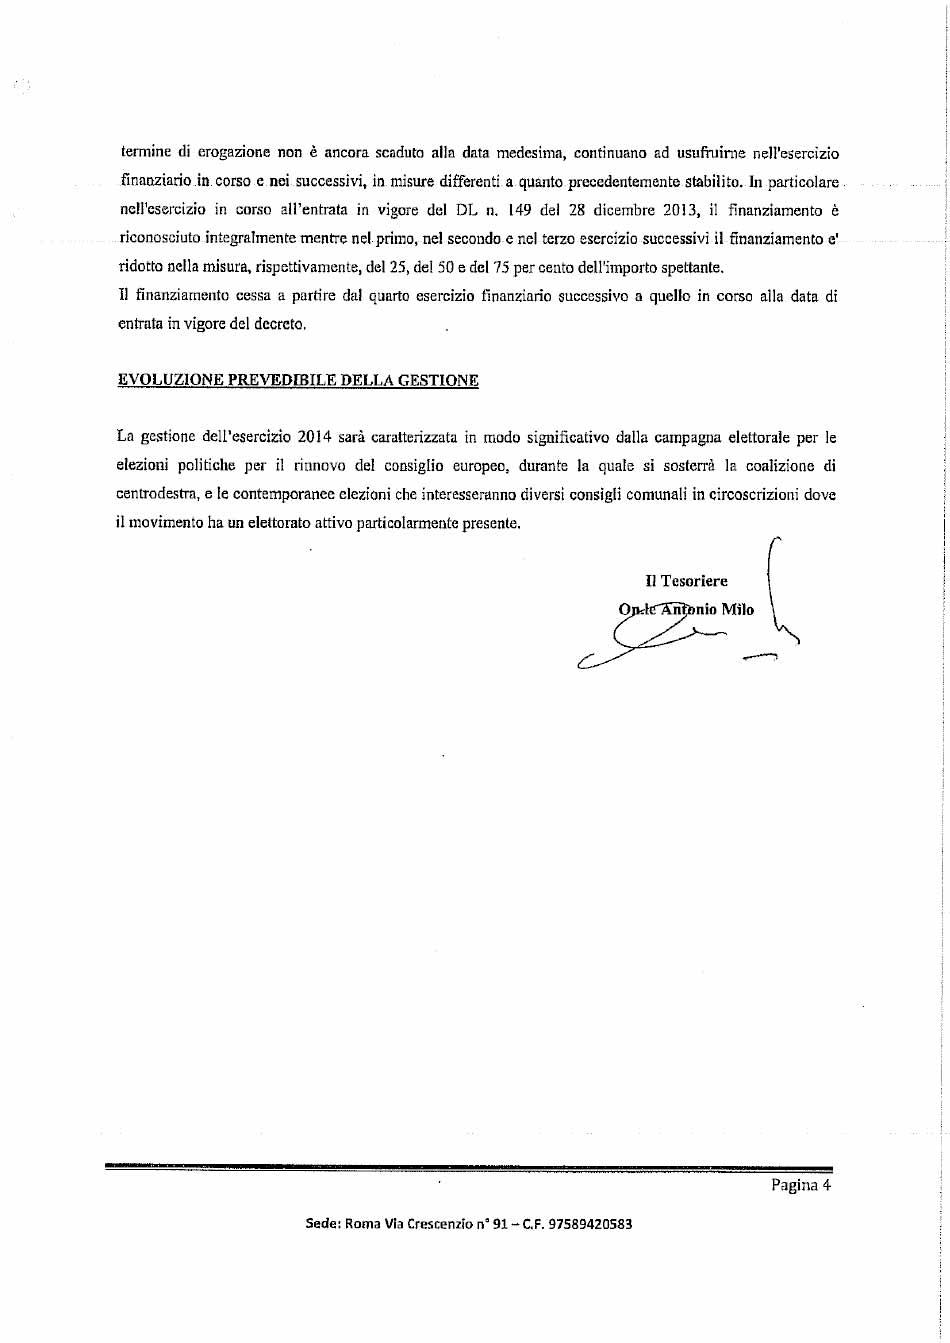 relazione-del-tesoriere-bilancio-2013-4